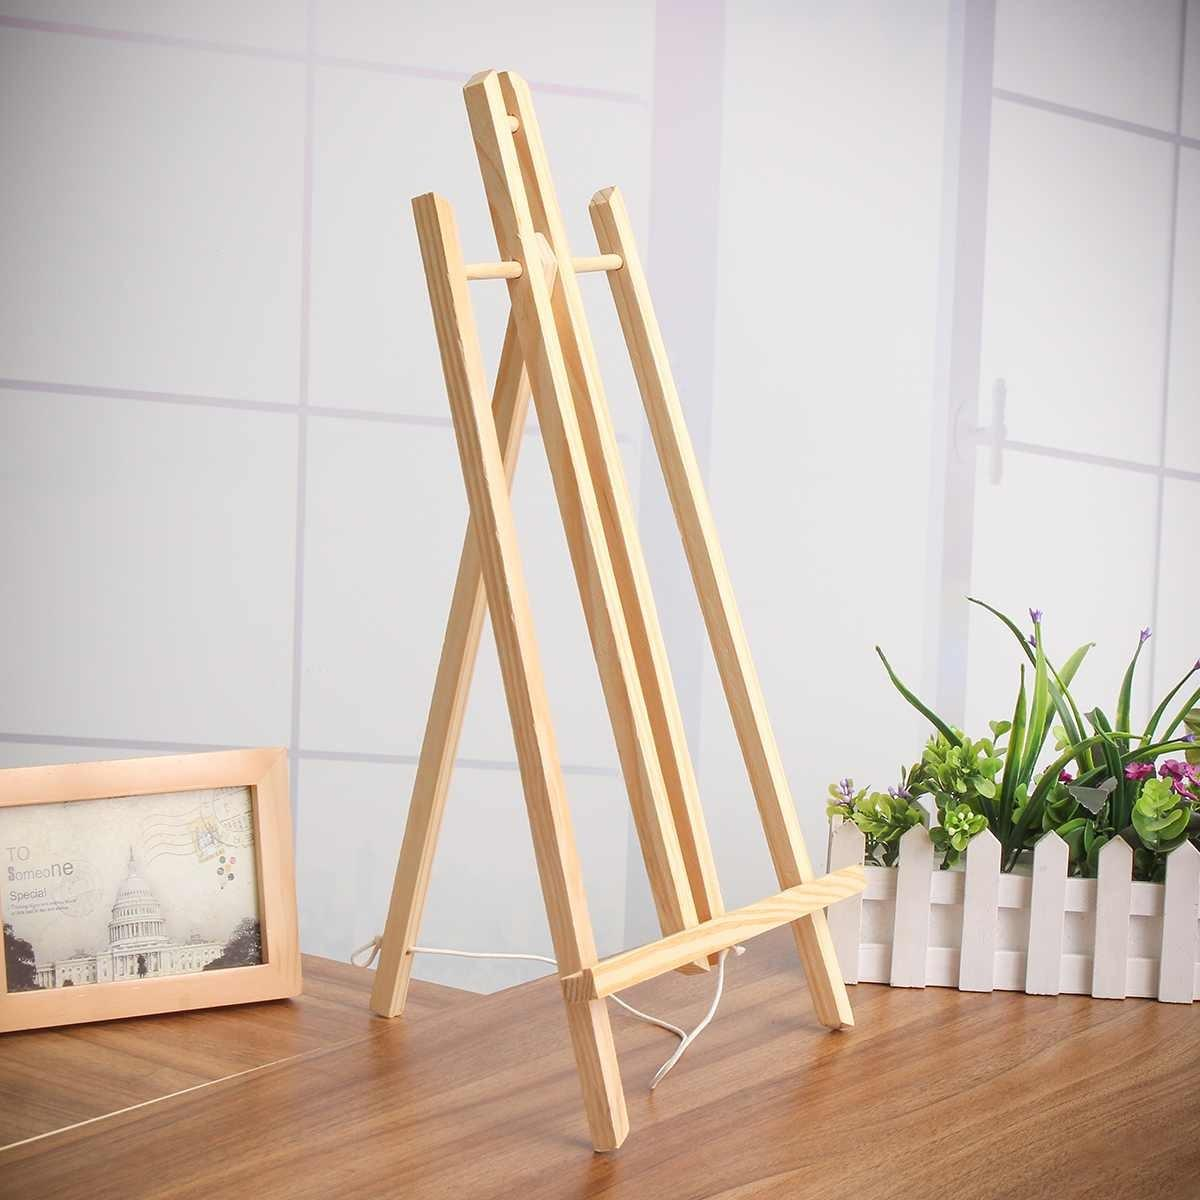 50 centímetros de madeira Cavalete Anúncio Exposição exibição Prateleira Titular estúdio de pintura de madeira stand Suprimentos Decoração do partido da arte Y200428